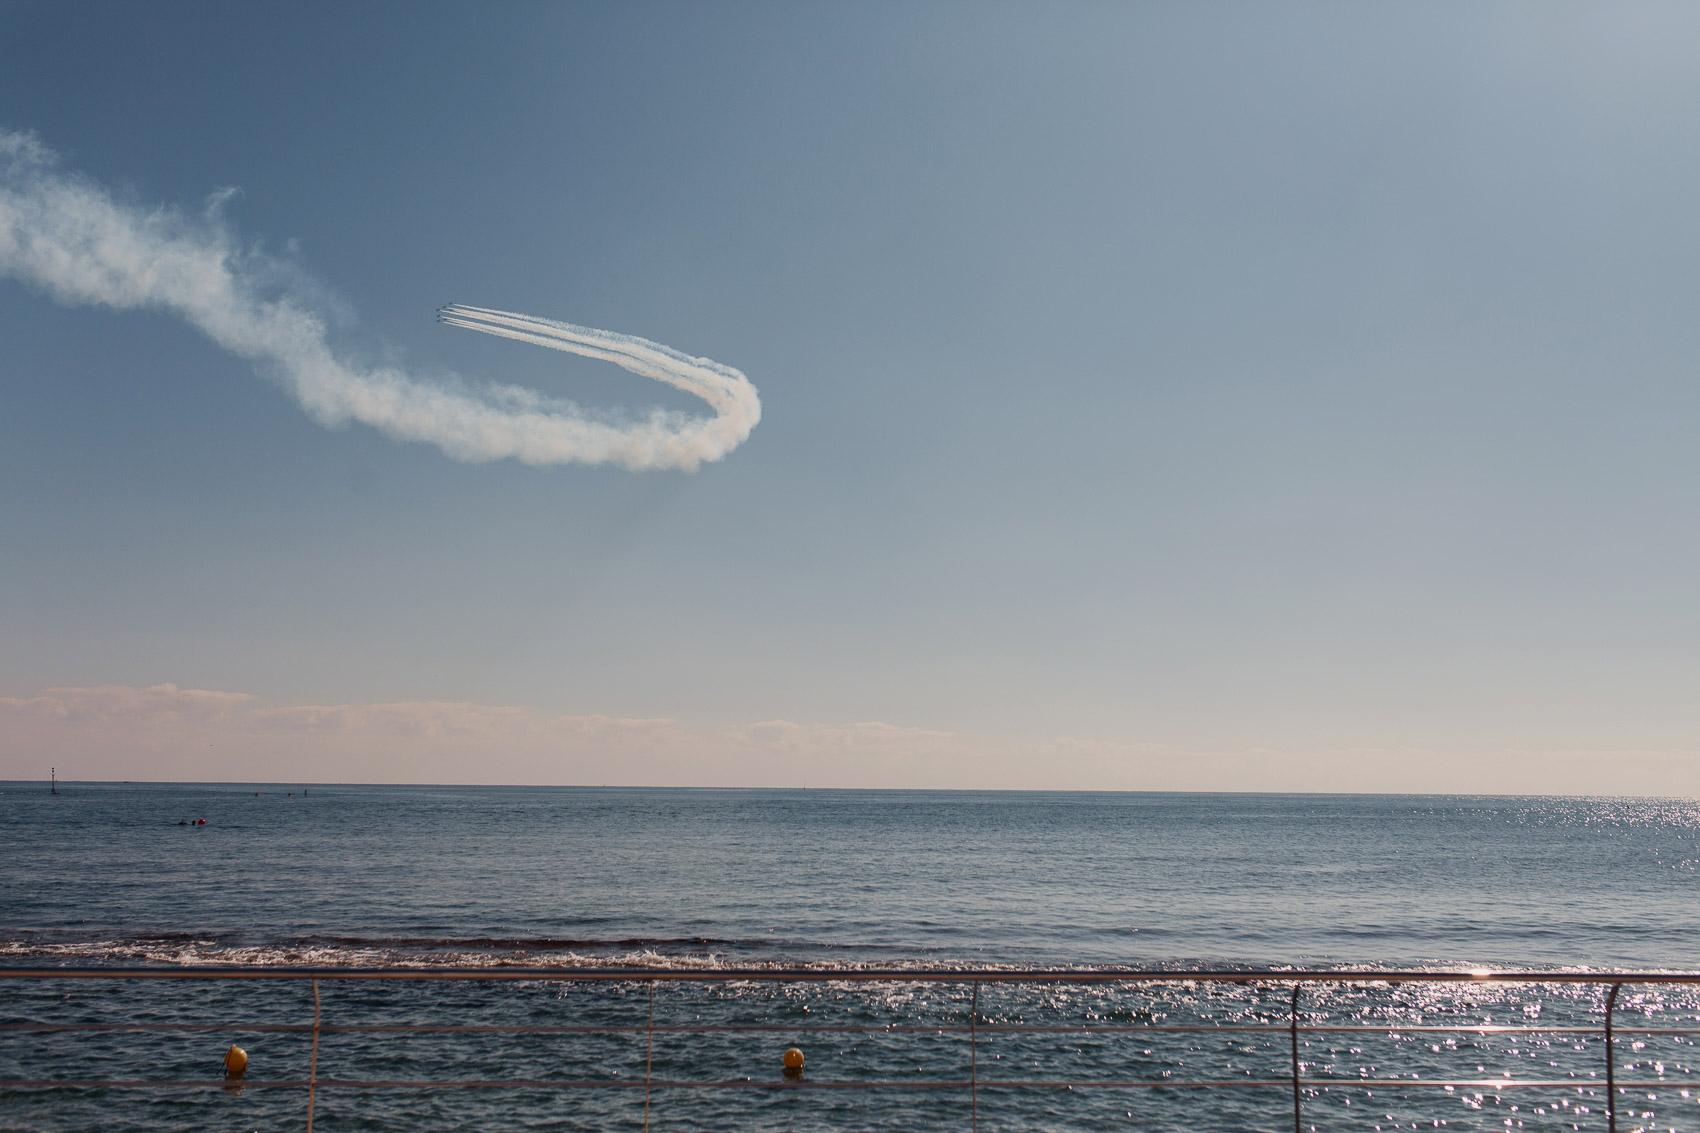 vista aereo cielo aviones mar beach sol